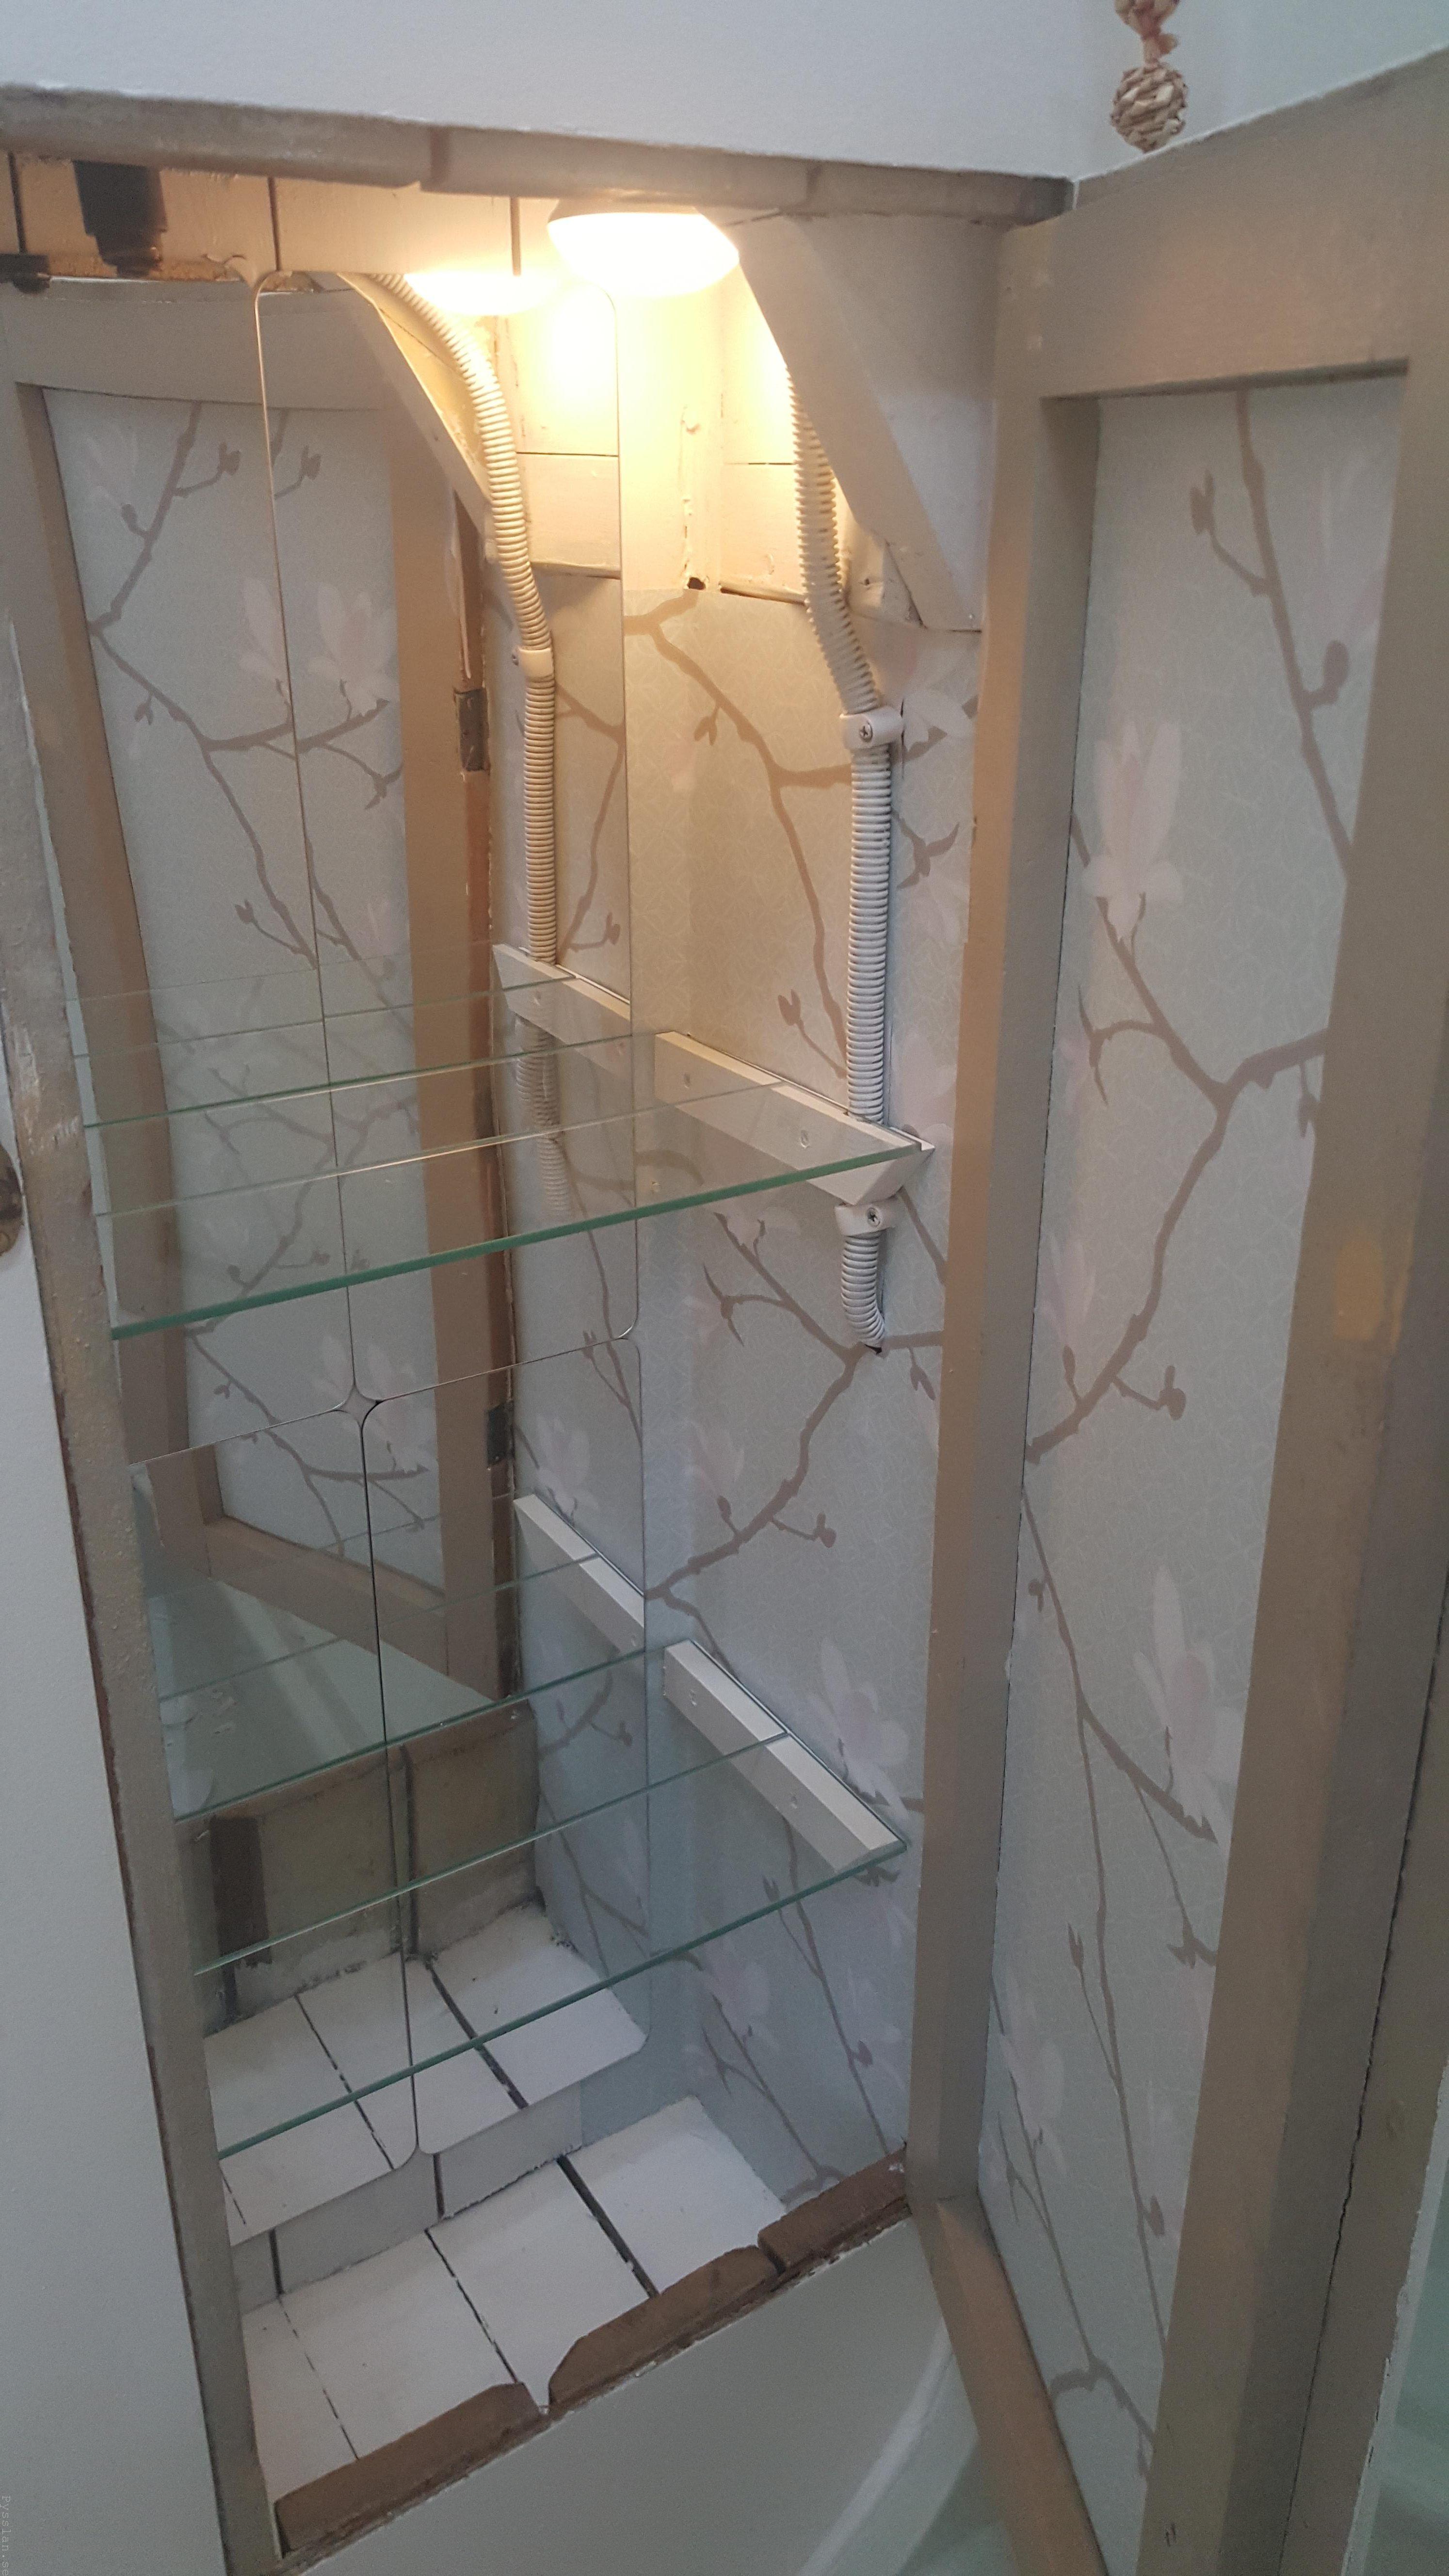 Förvaring under trapp elskåp spritskåp grön villasmultronbacken pysslanblogg 20-tal 20-talsdröm gammal el ljusblå magnoliatapet glashyllplan